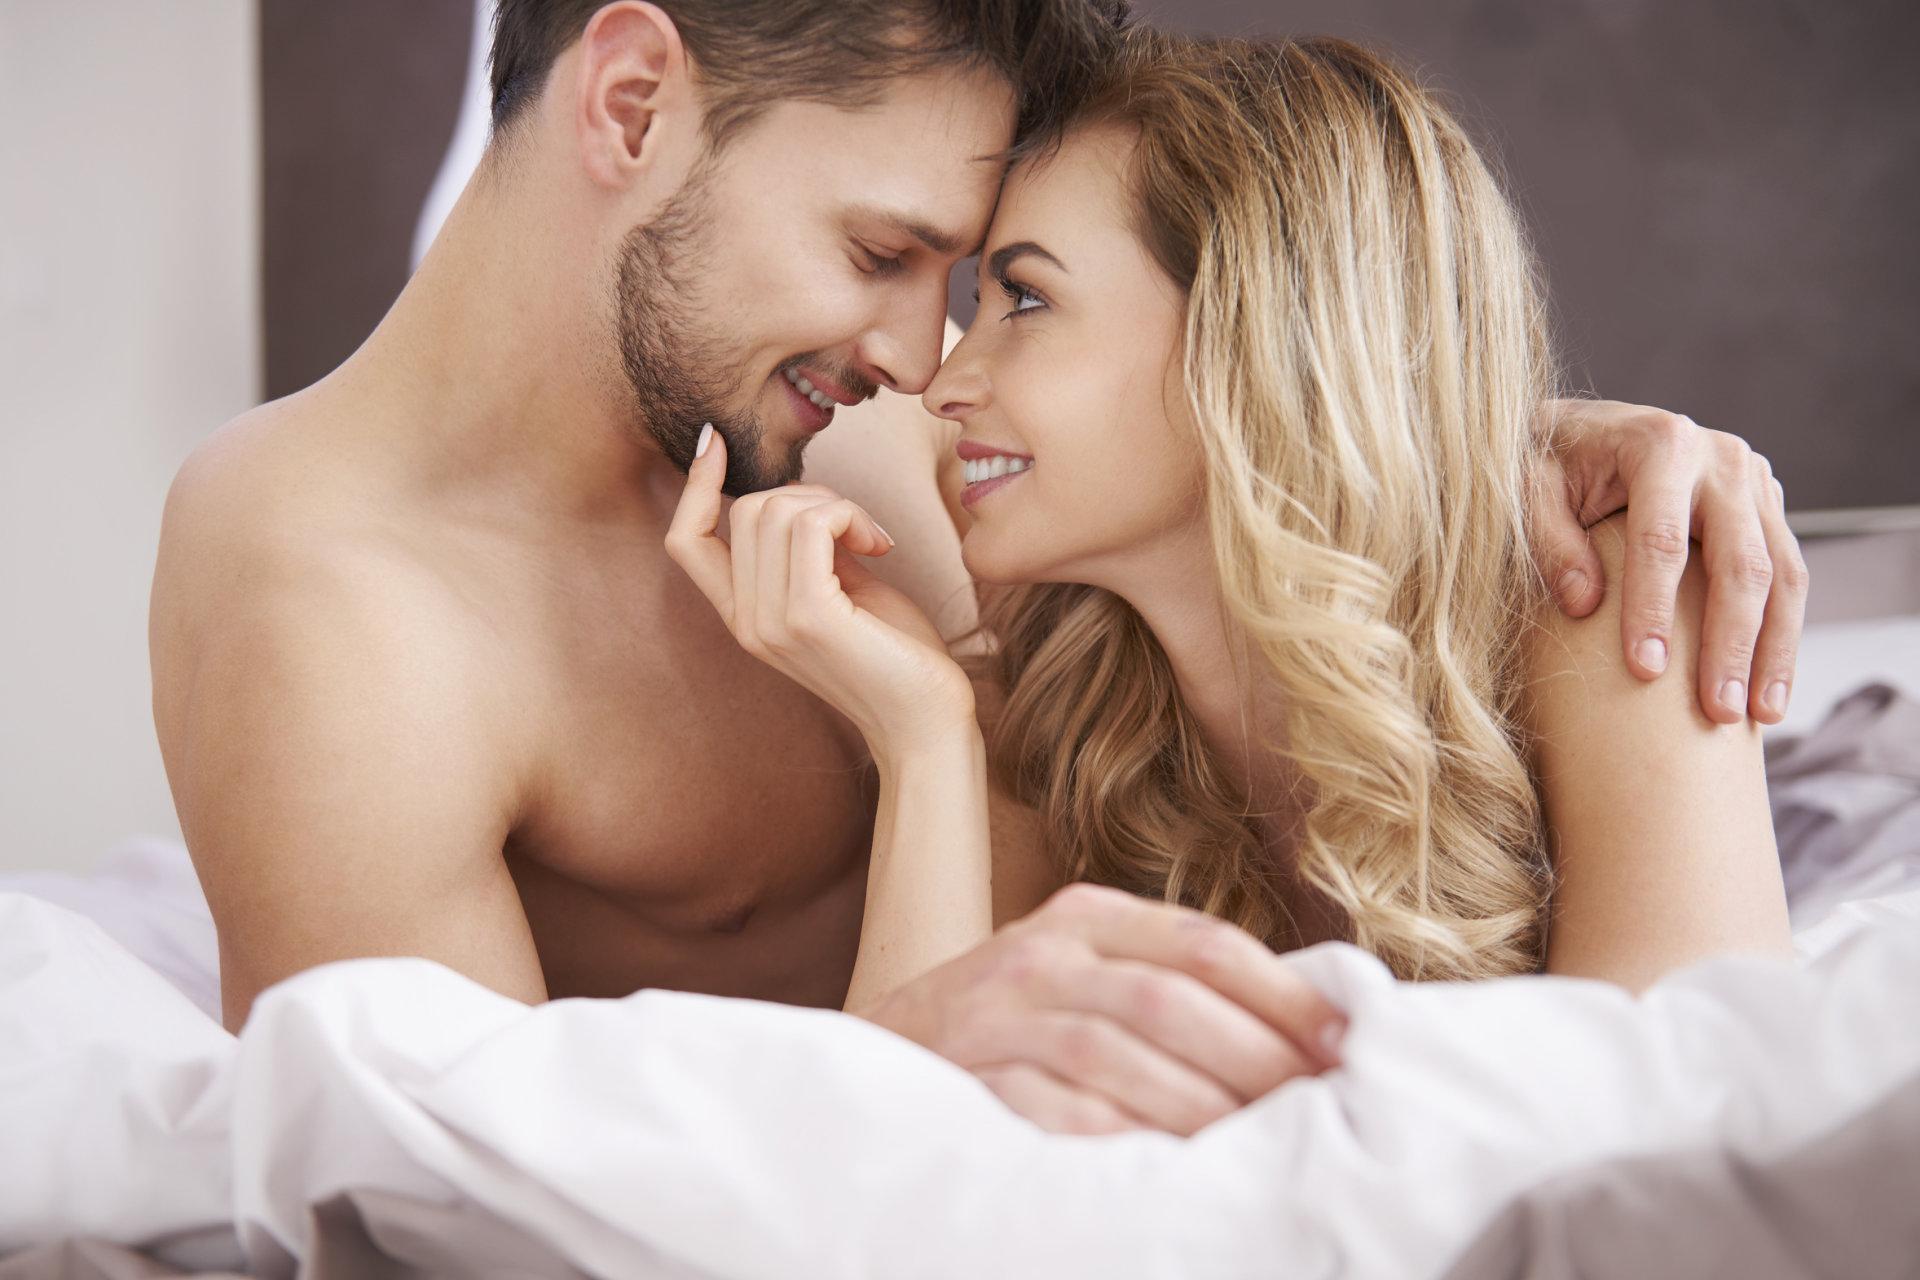 medaus vaistai erekcijai pagerinti kaip padidinti skersmeni